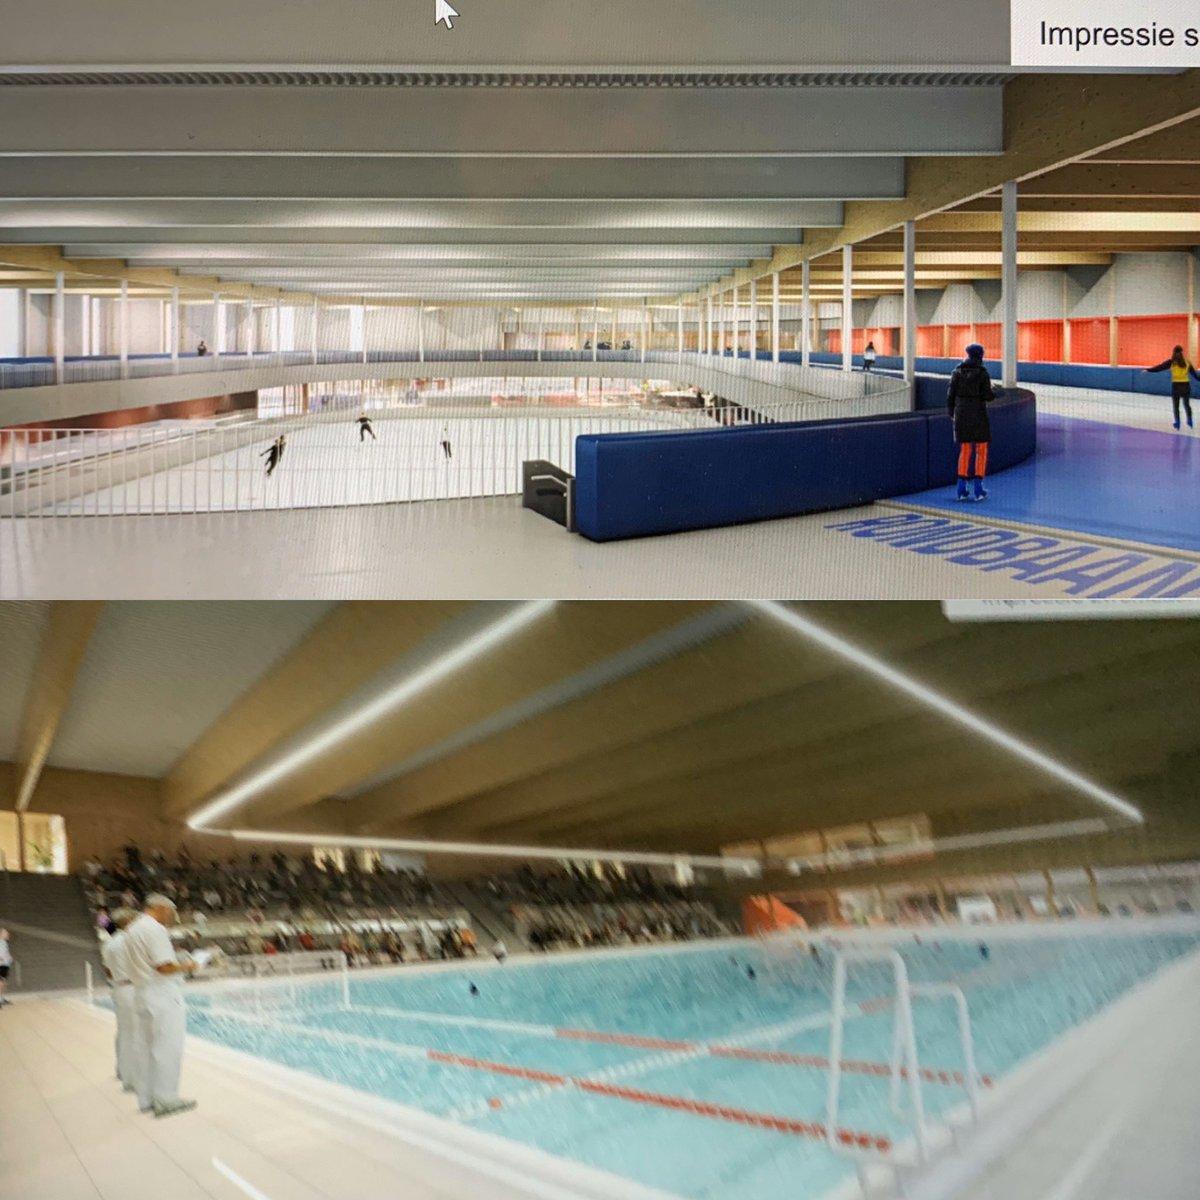 Hamerstuk. Een ruime meerderheid van #raad071 staat achter de aanpak voor een nieuwe aanbesteding ijshal/zwembad aan De Vliet. We kunnen door. https://t.co/EX80Ua1VHY